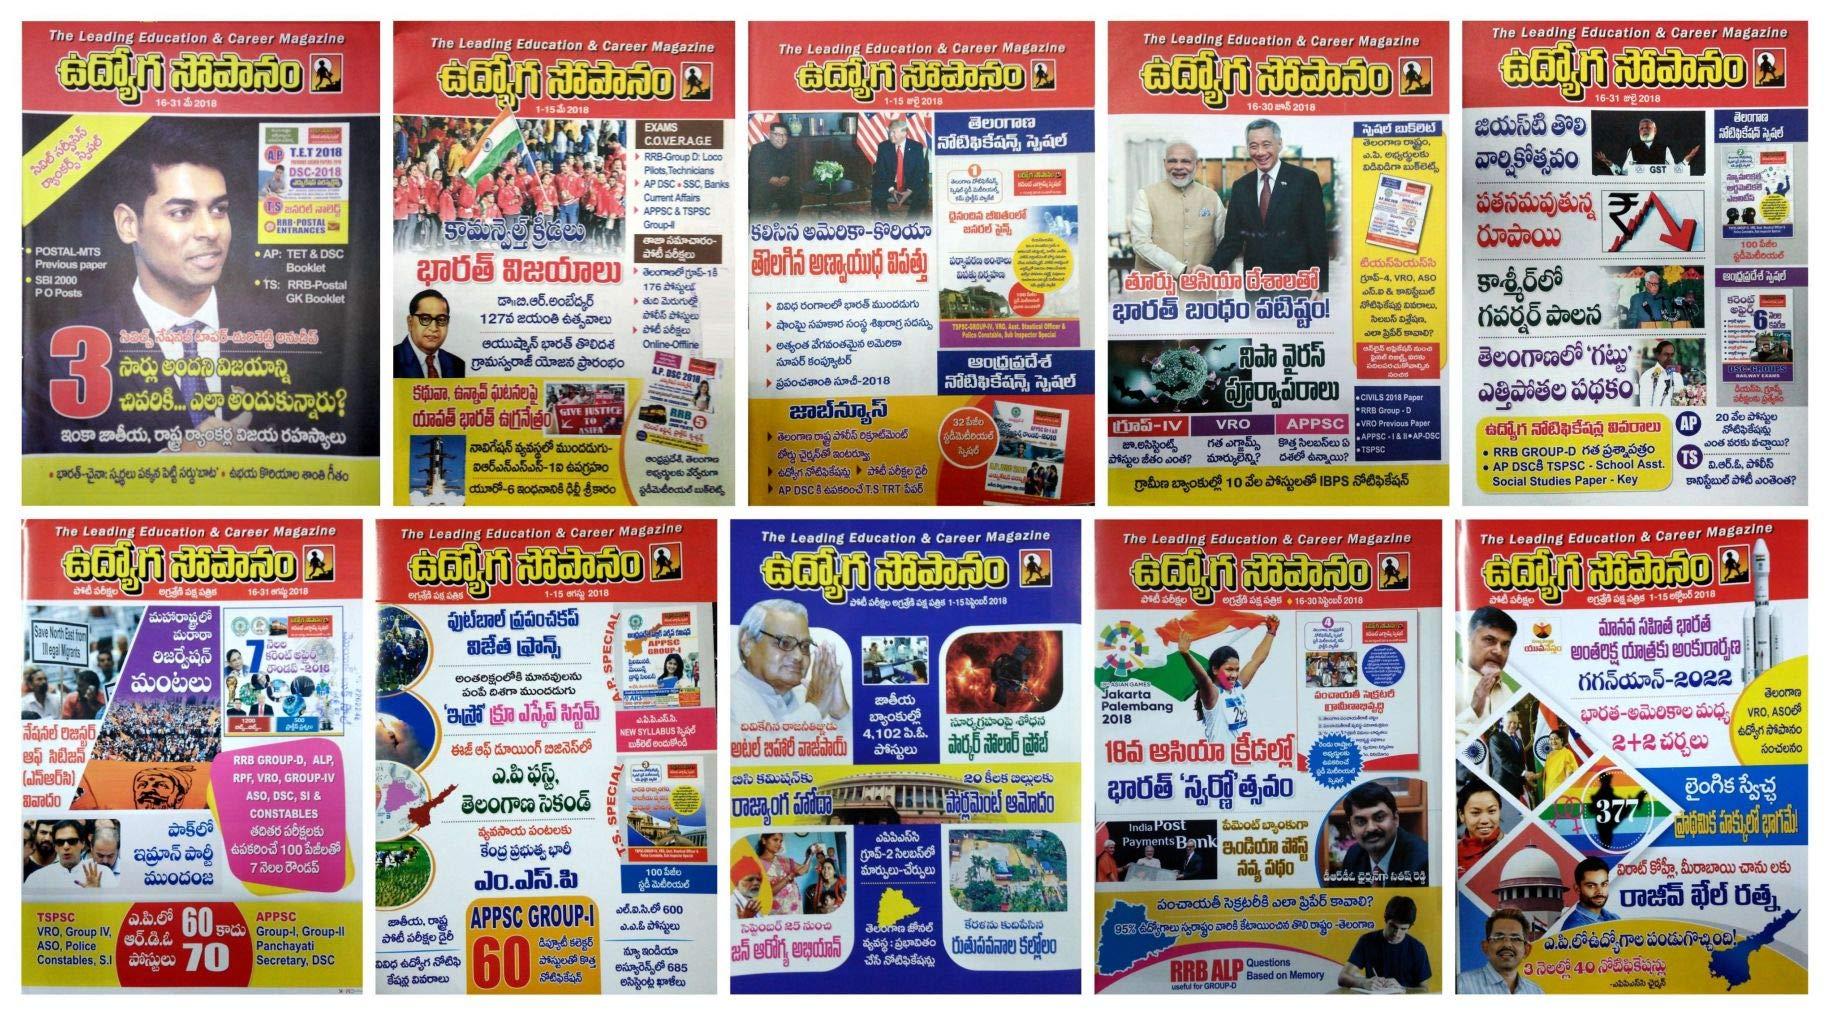 Udyoga sopanam magazine free download.